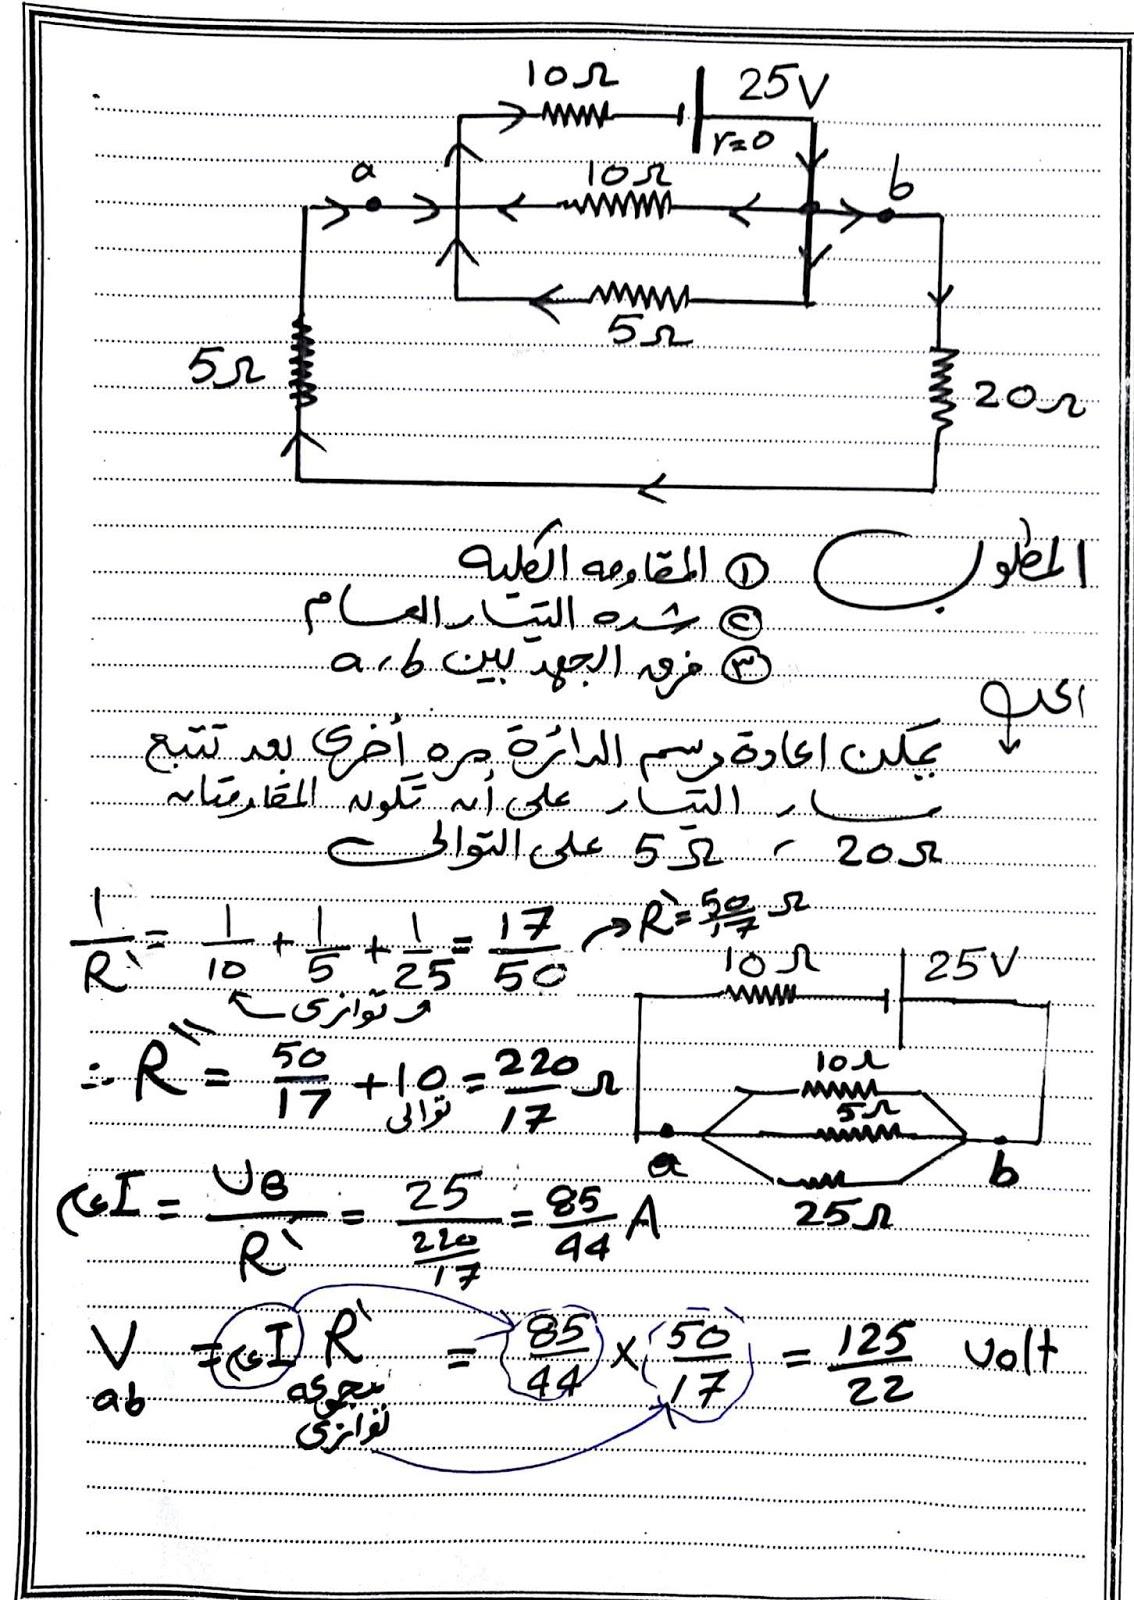 مراجعة فيزياء الصف الثالث الثانوي   نظام جديد 21556889_10155245394728096_36537208_o